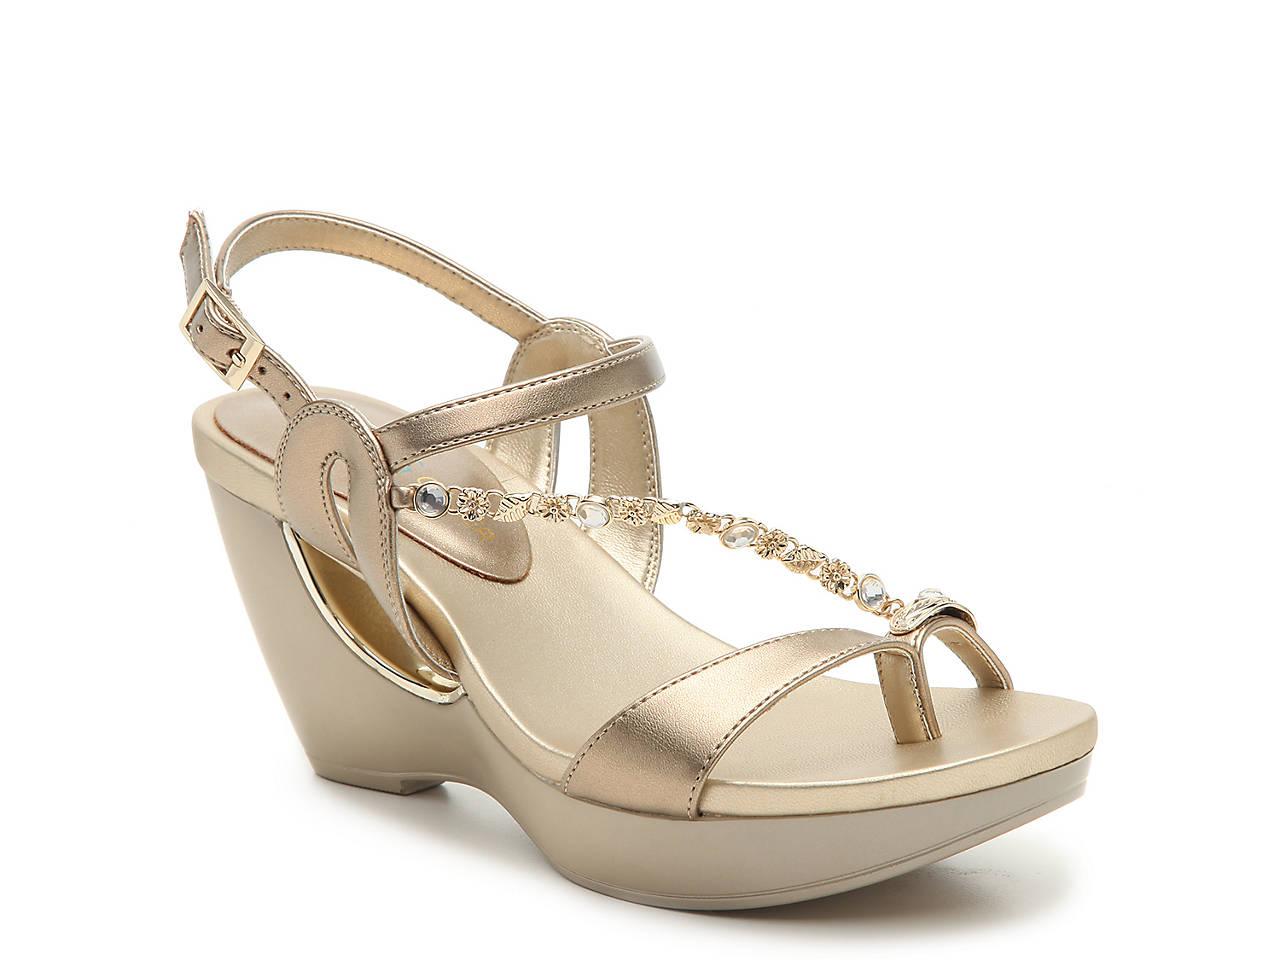 e15fc5588968e Andrew Geller Alya Wedge Sandal Women s Shoes